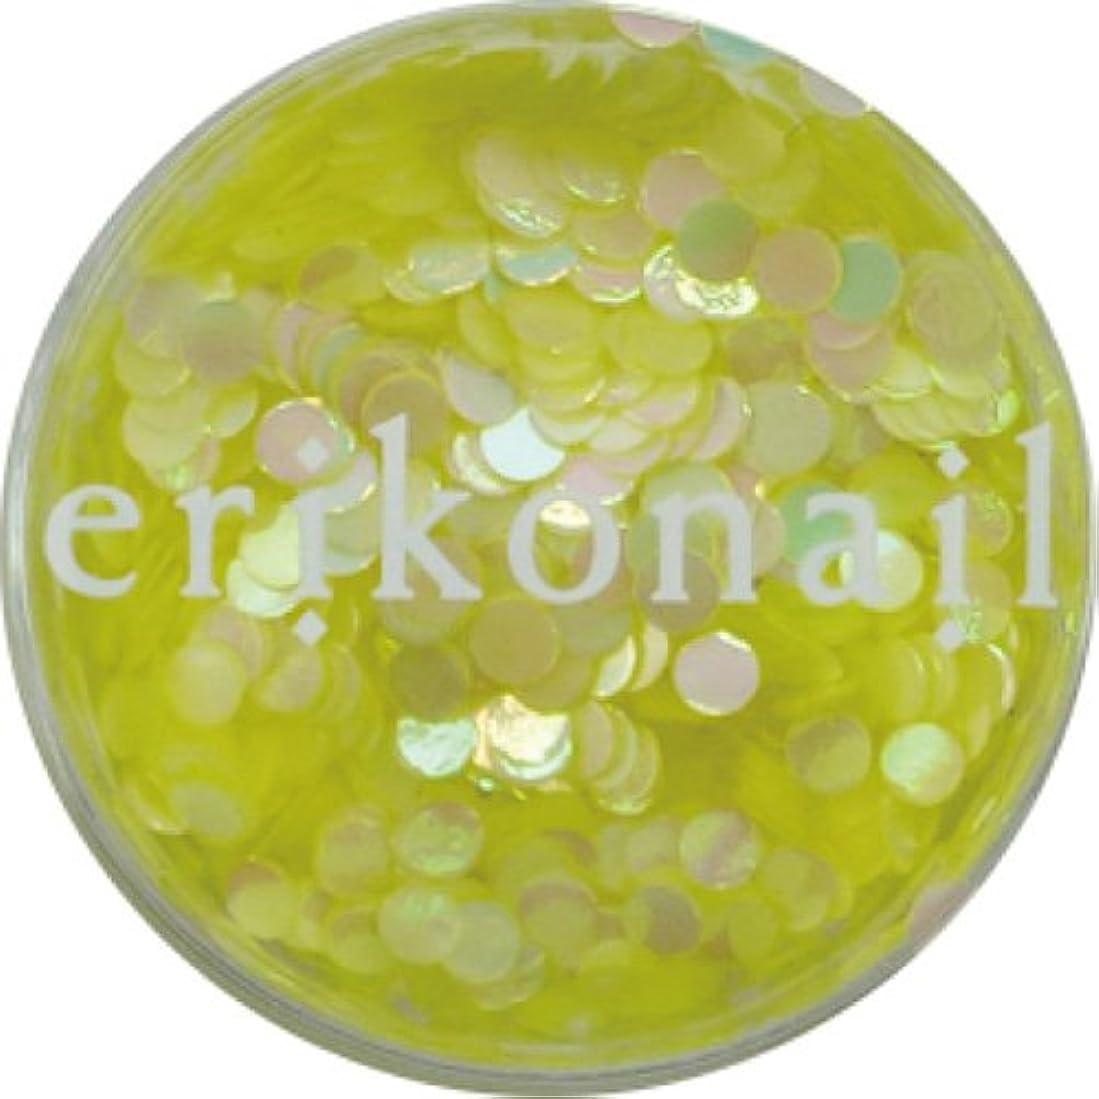 外側の面では質素なerikonail ERI-211 パステルパールイエロー2mm